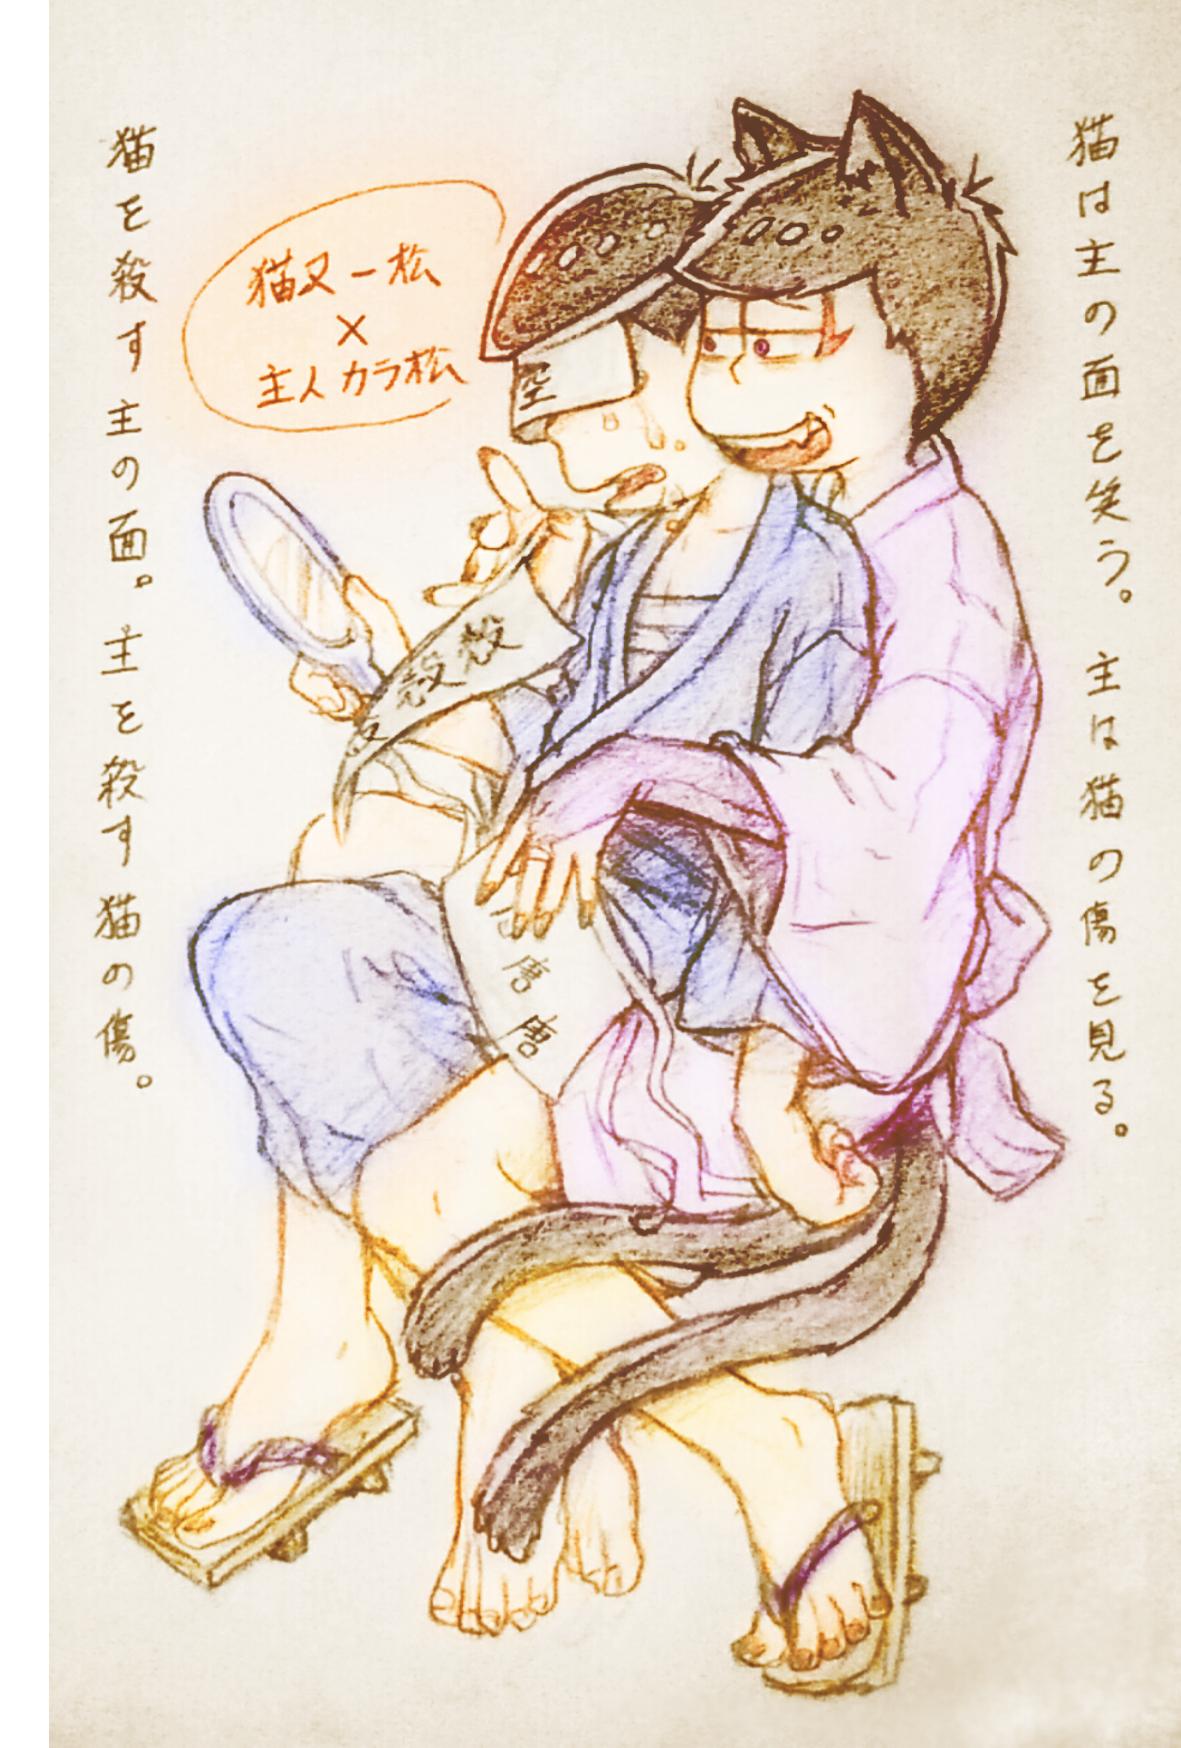 猫又一松と主人カラ松 - ibisPai...